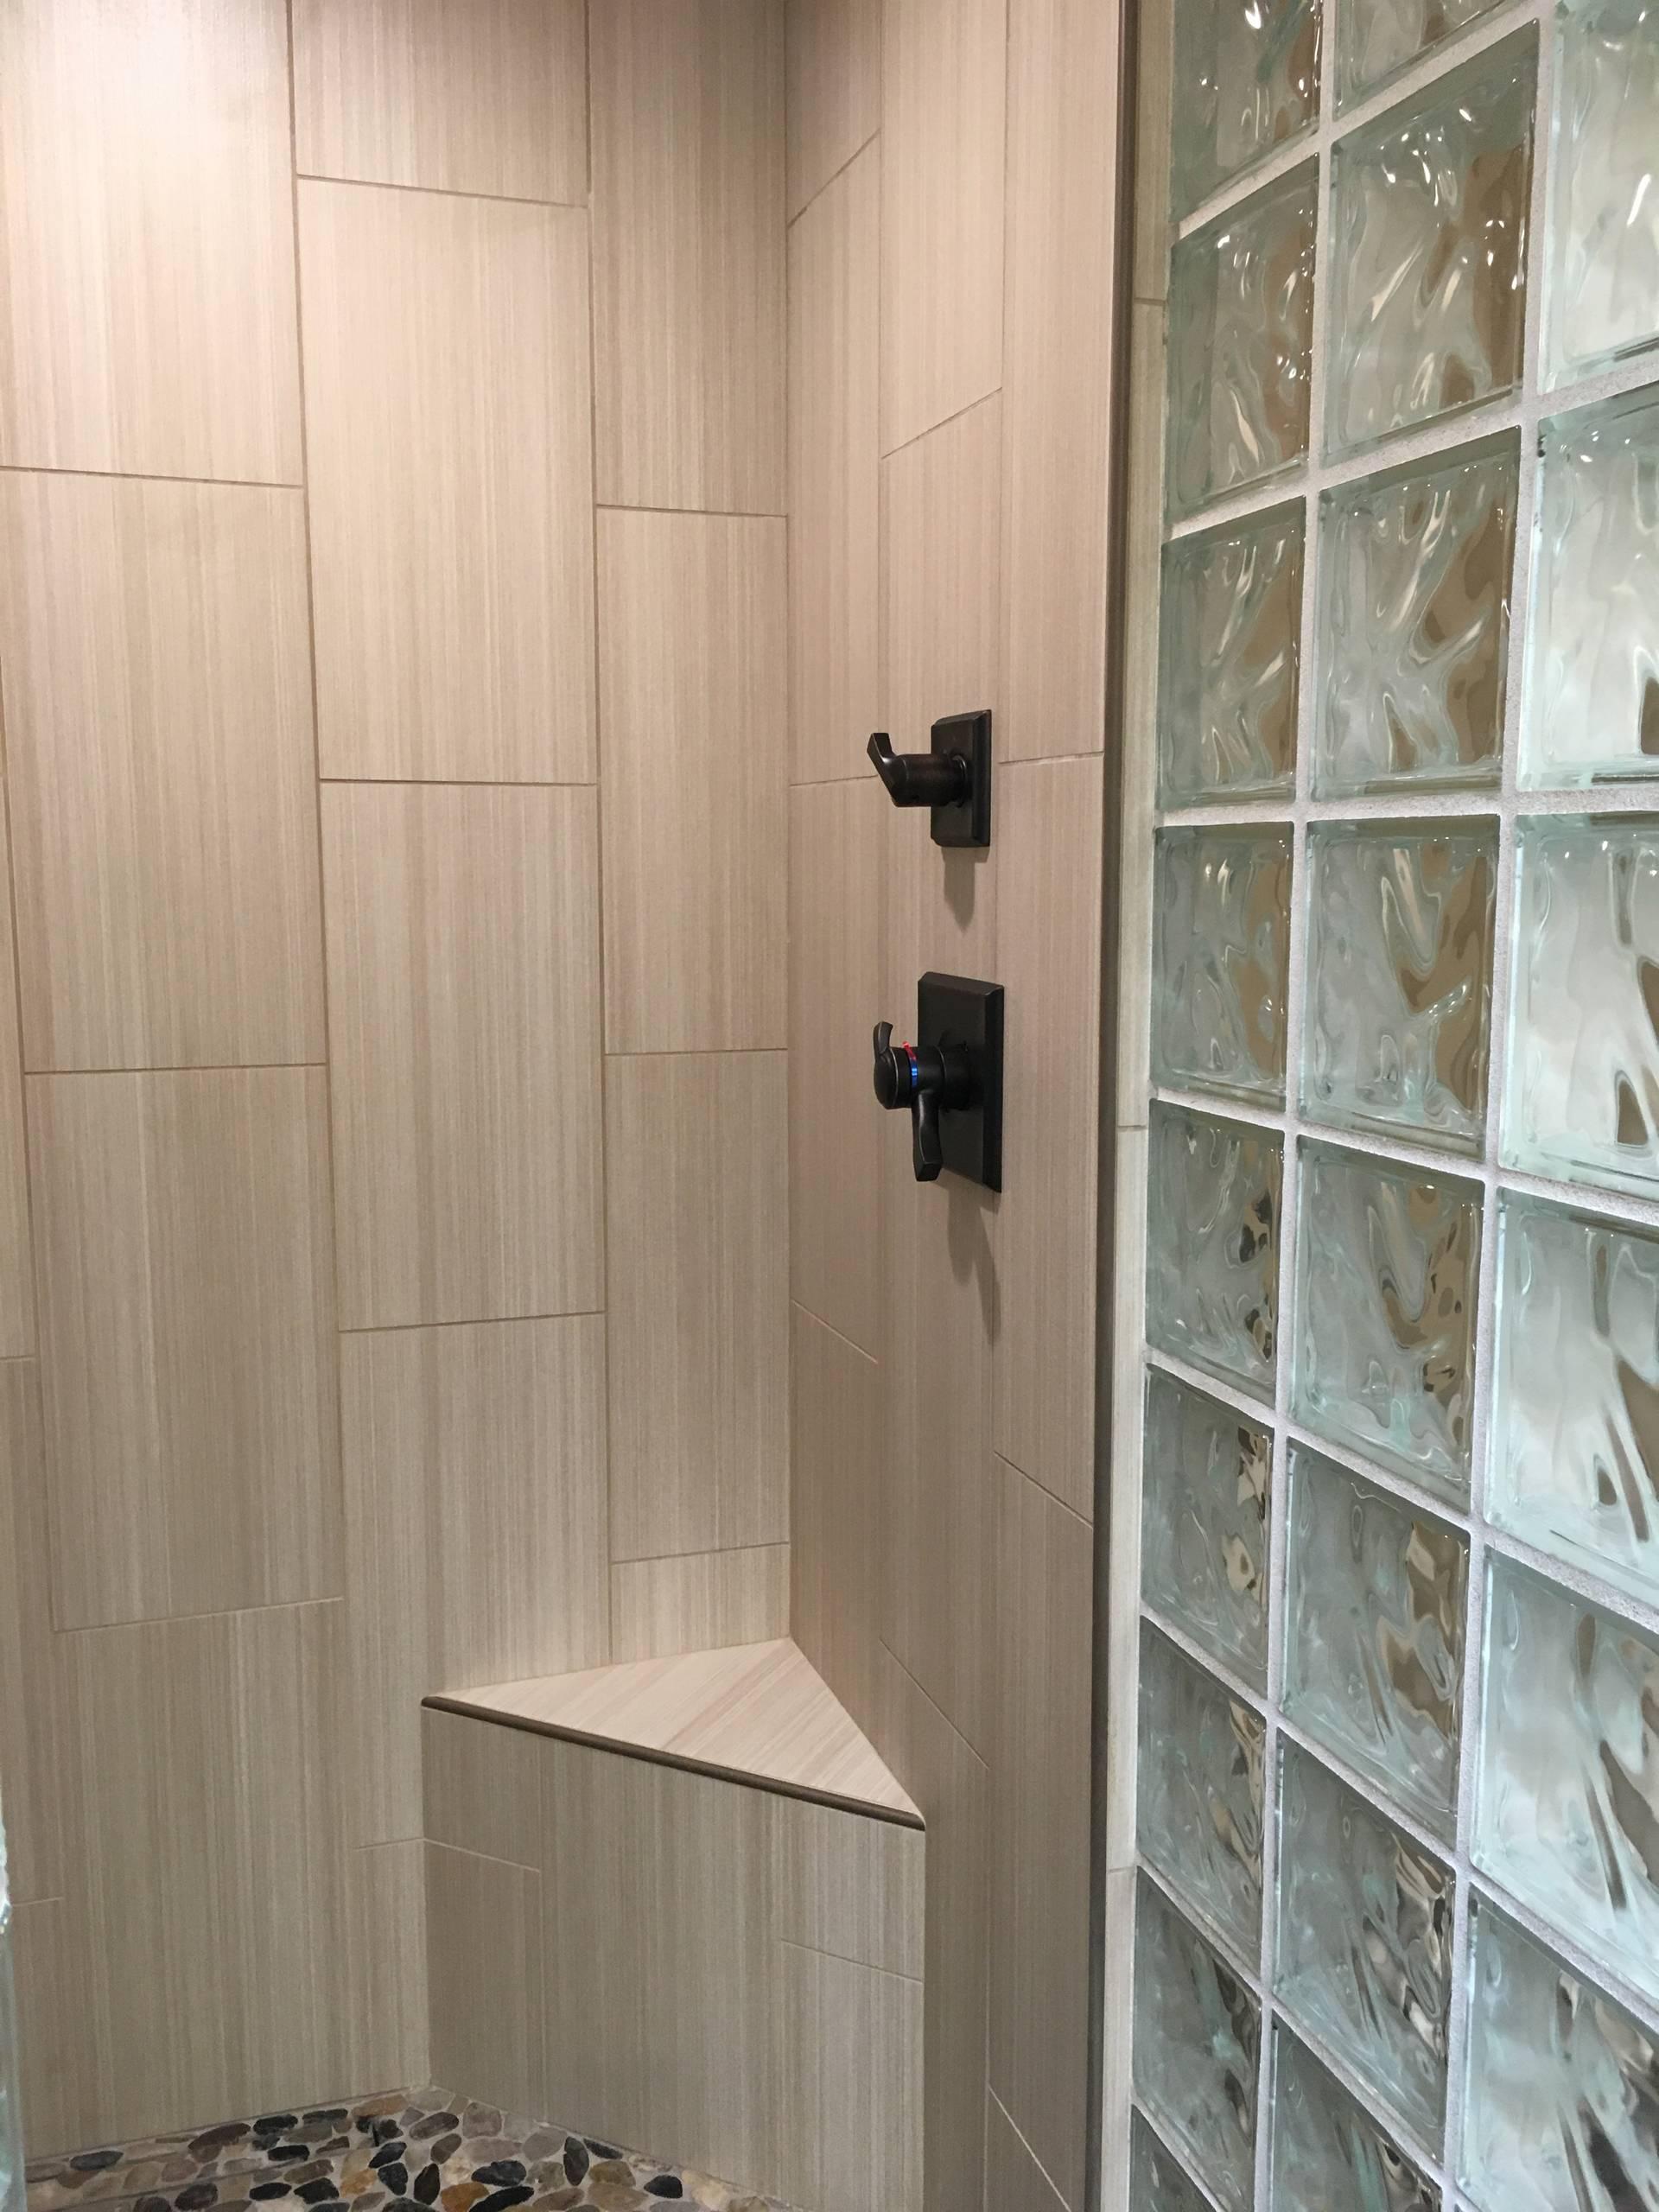 Chic Contemporary Lodi Bathroom Remodel